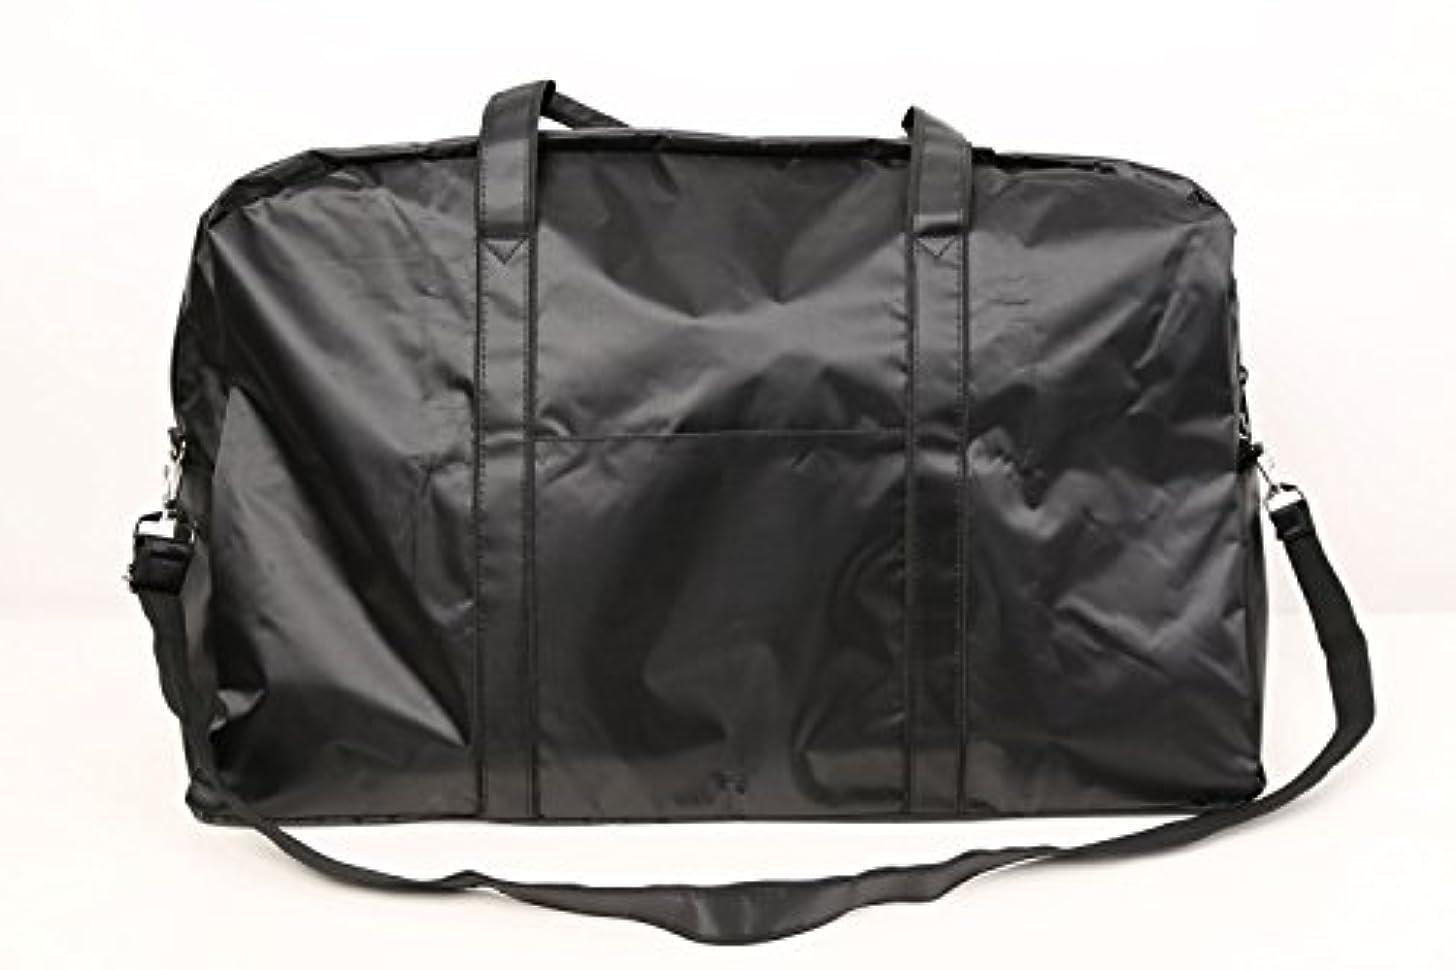 音節賞賛消毒剤カットウィッグ用バッグ 大容量 軽量 ナイロンバッグ ブラック XRDB-1